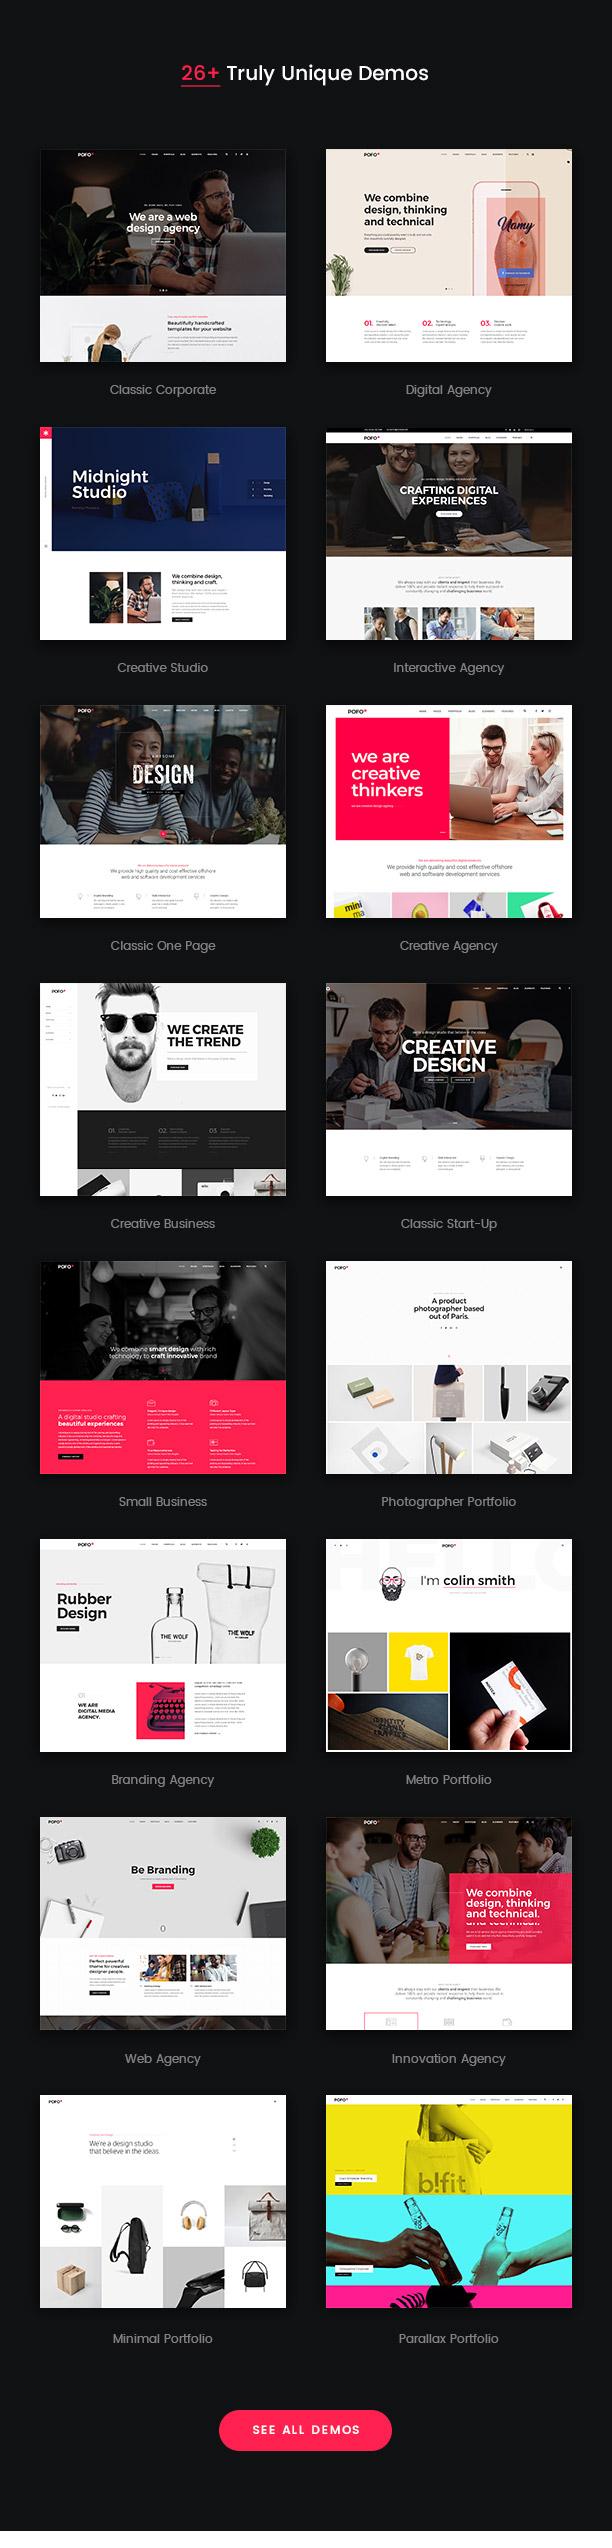 Pofo - Creative Agency, Corporate and Portfolio Multi-purpose Template - 6